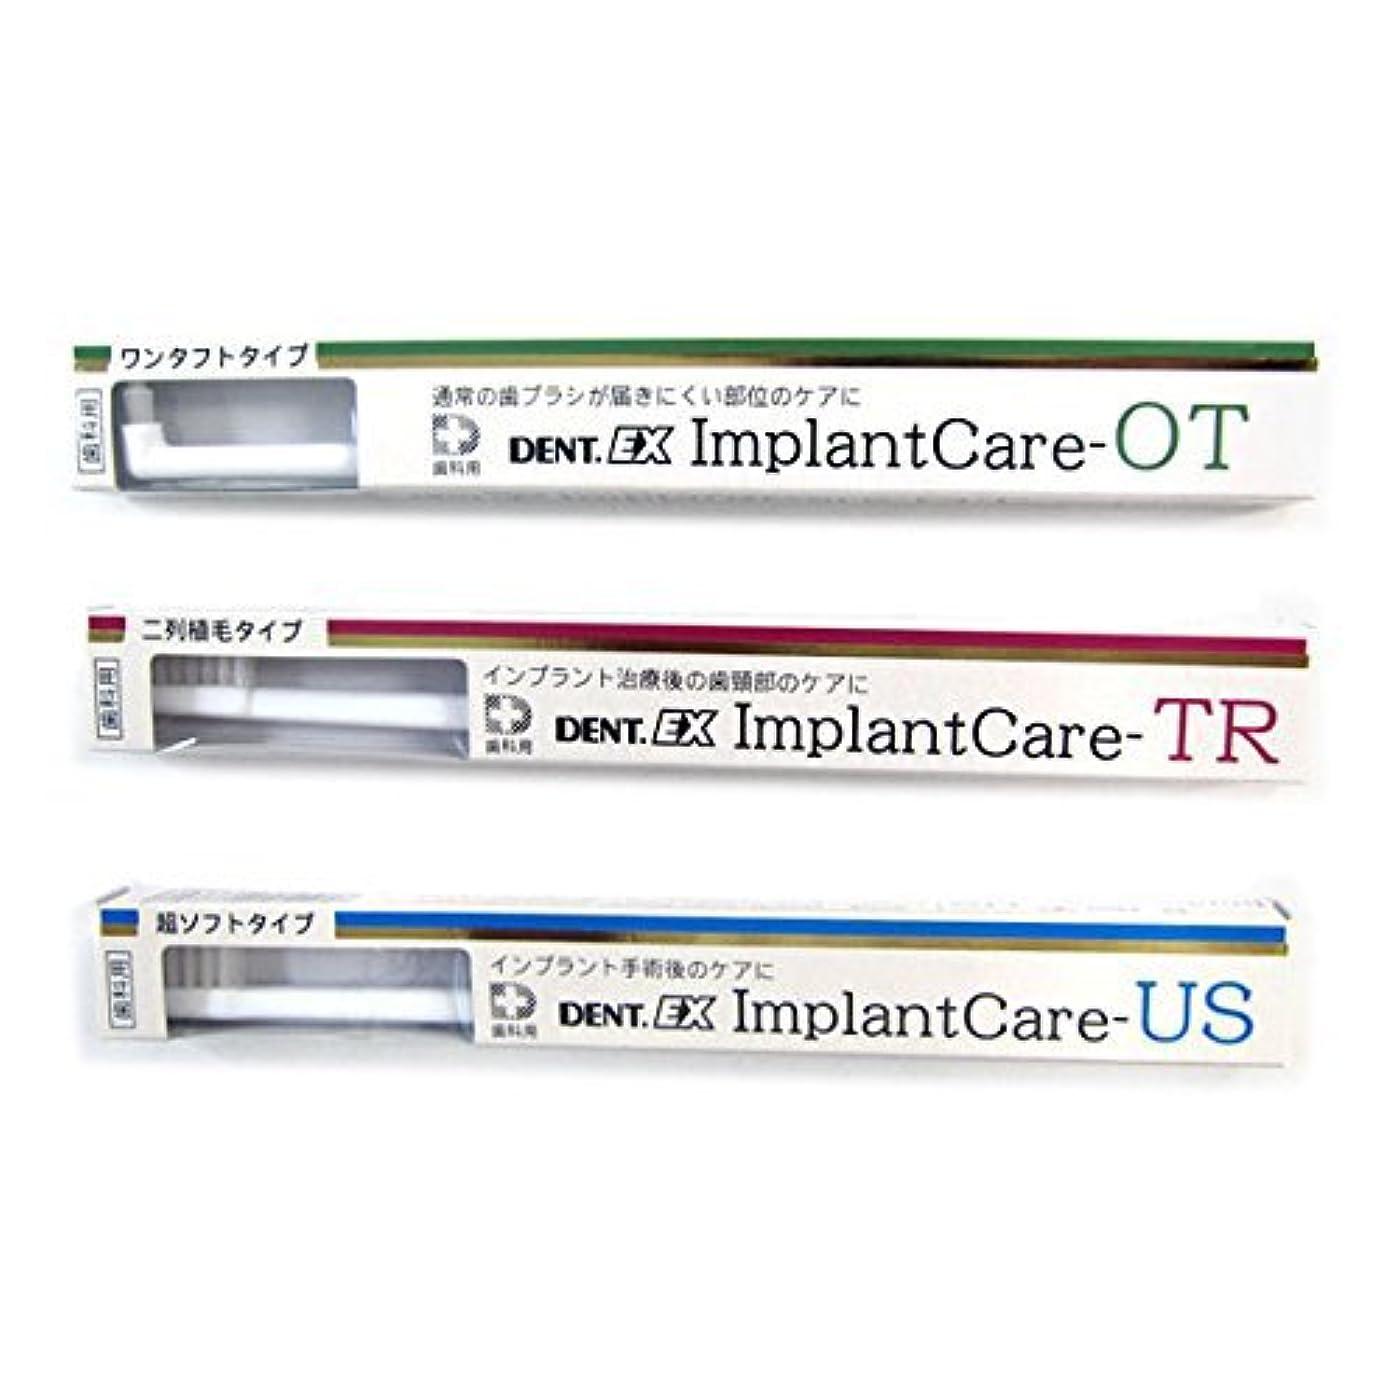 道を作る無しカウントデント DENT EX ImplantCare インプラントケア 単品 OT(ワンタフト)